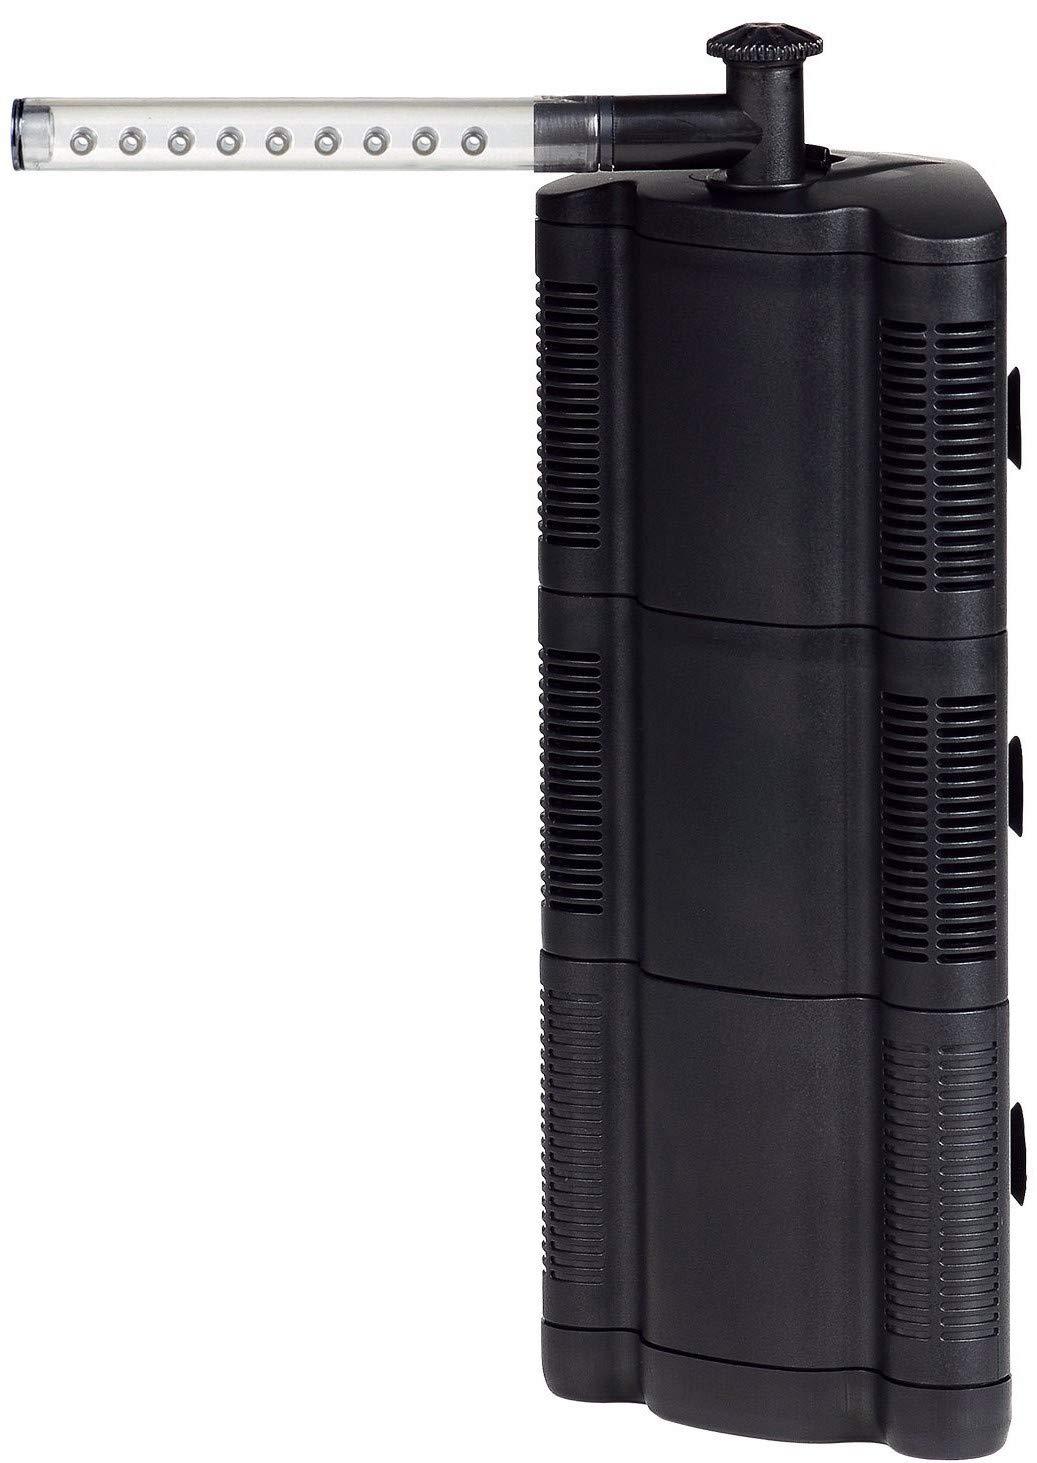 BPS (R) Filtro professionale acquario, filtro per interno acquario, risparmio energetico(4,8 W, 250 l/h) 250 l/h)